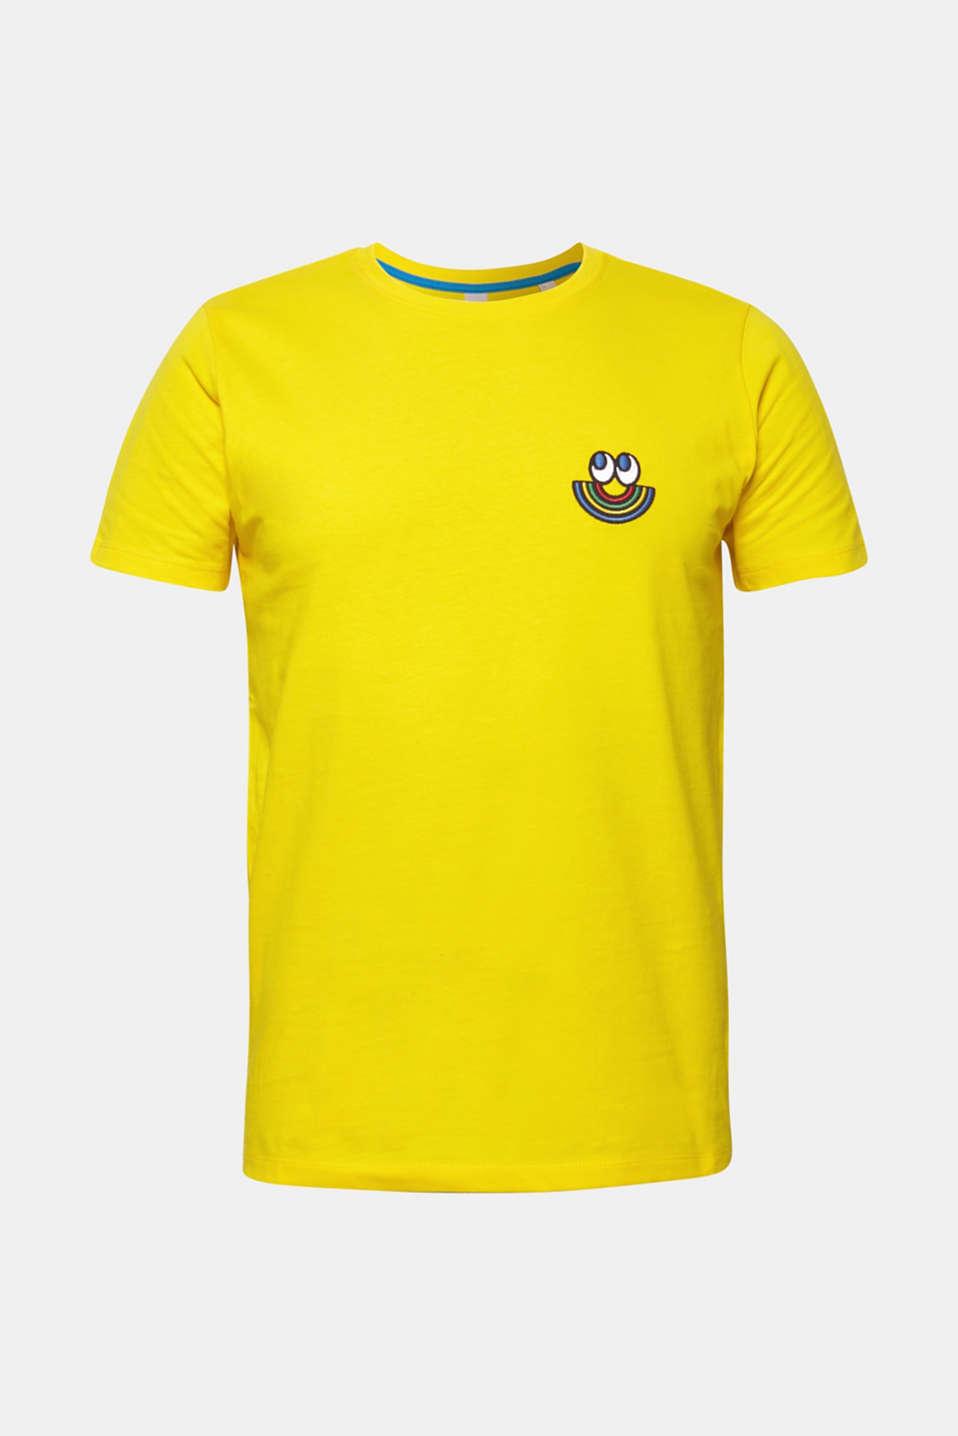 CRAIG & KARL: Love T-shirt, 100% organic cotton, YELLOW, detail image number 5